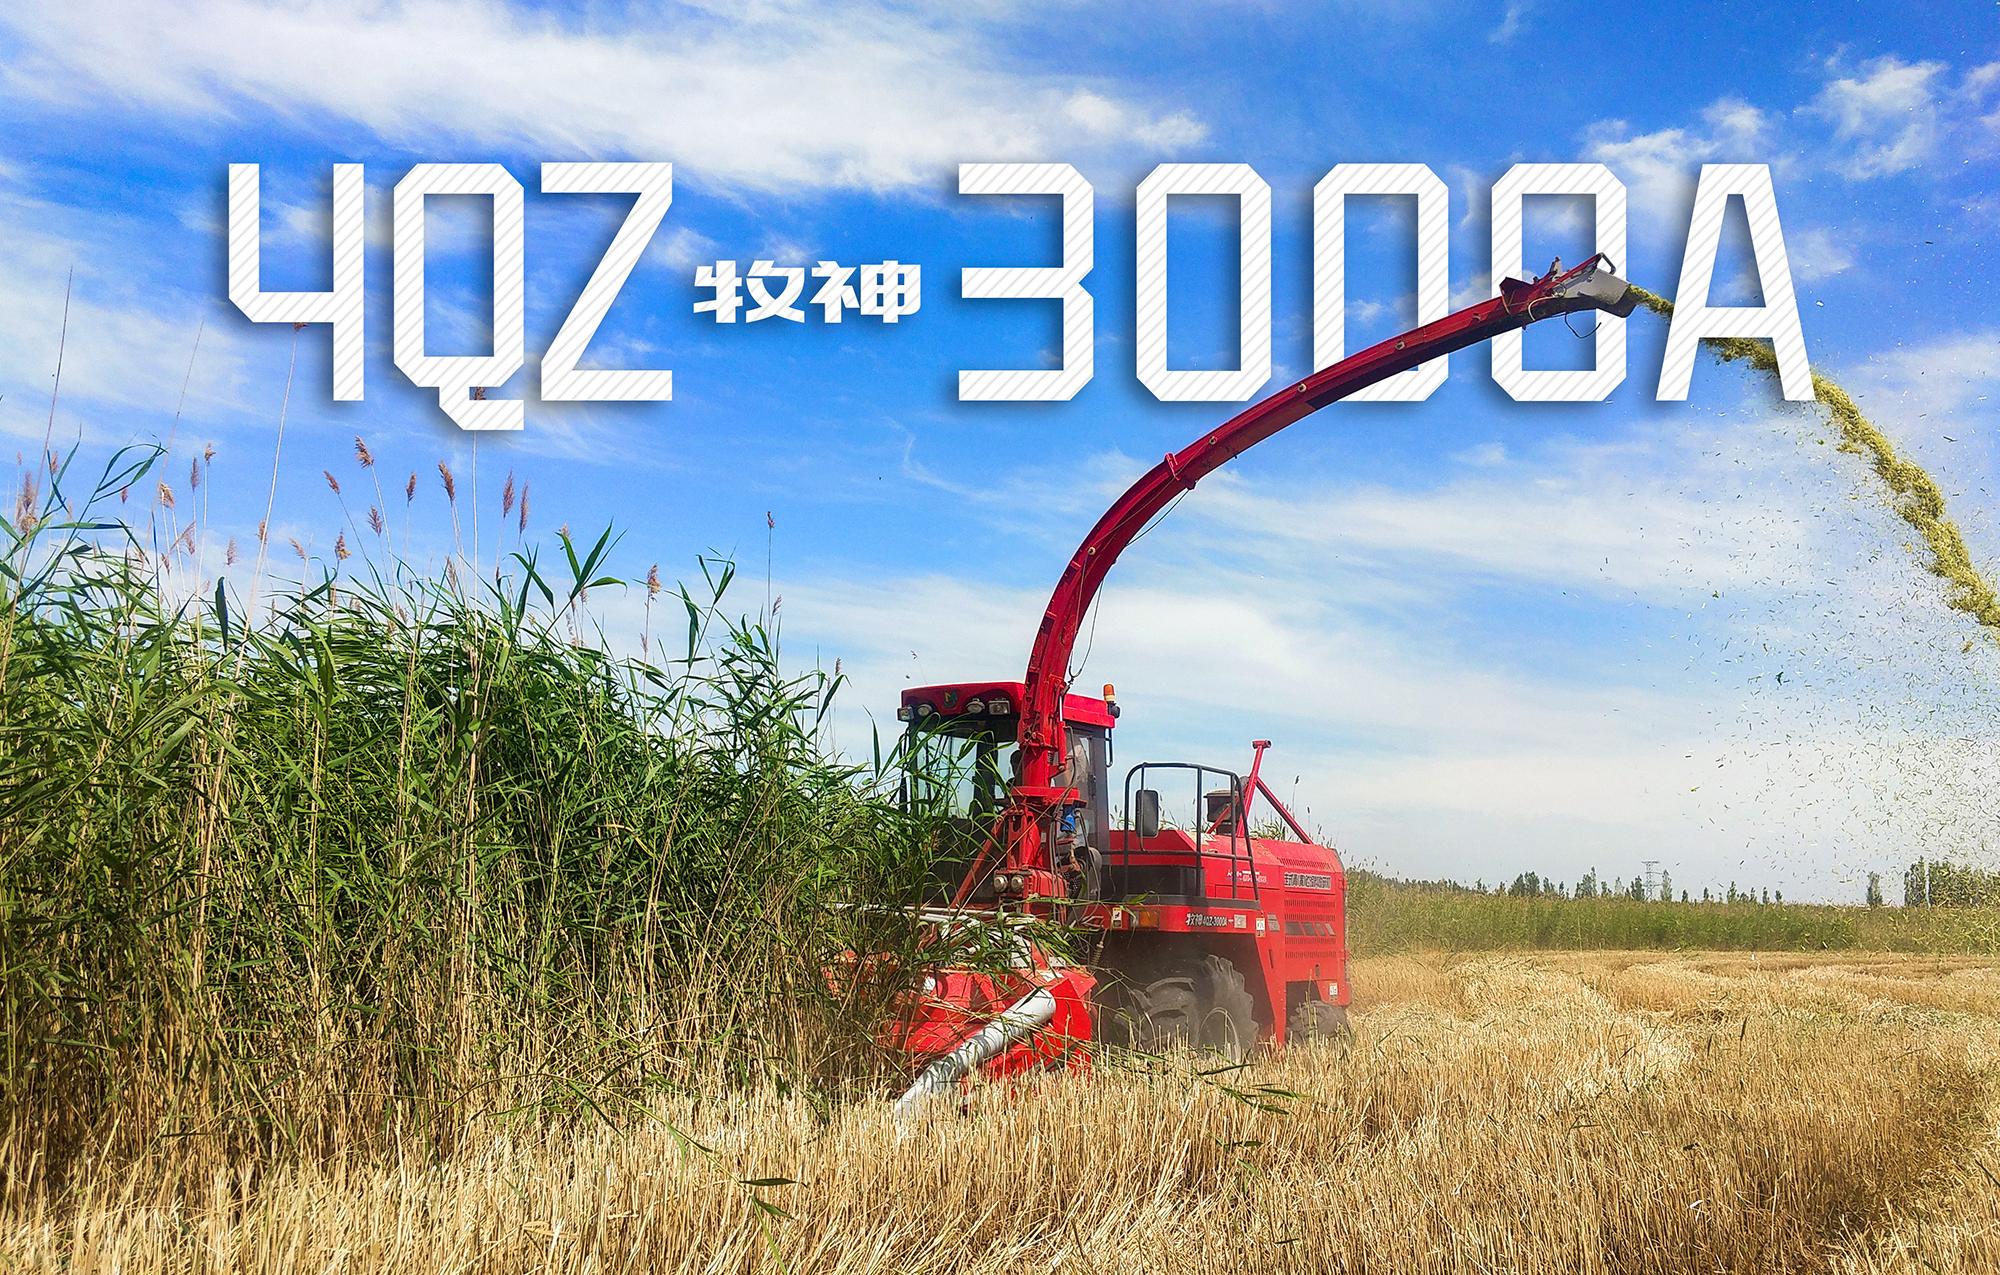 牧神4QZ-3000A换装矮割台,矮杆倒伏作物也能轻松收获!